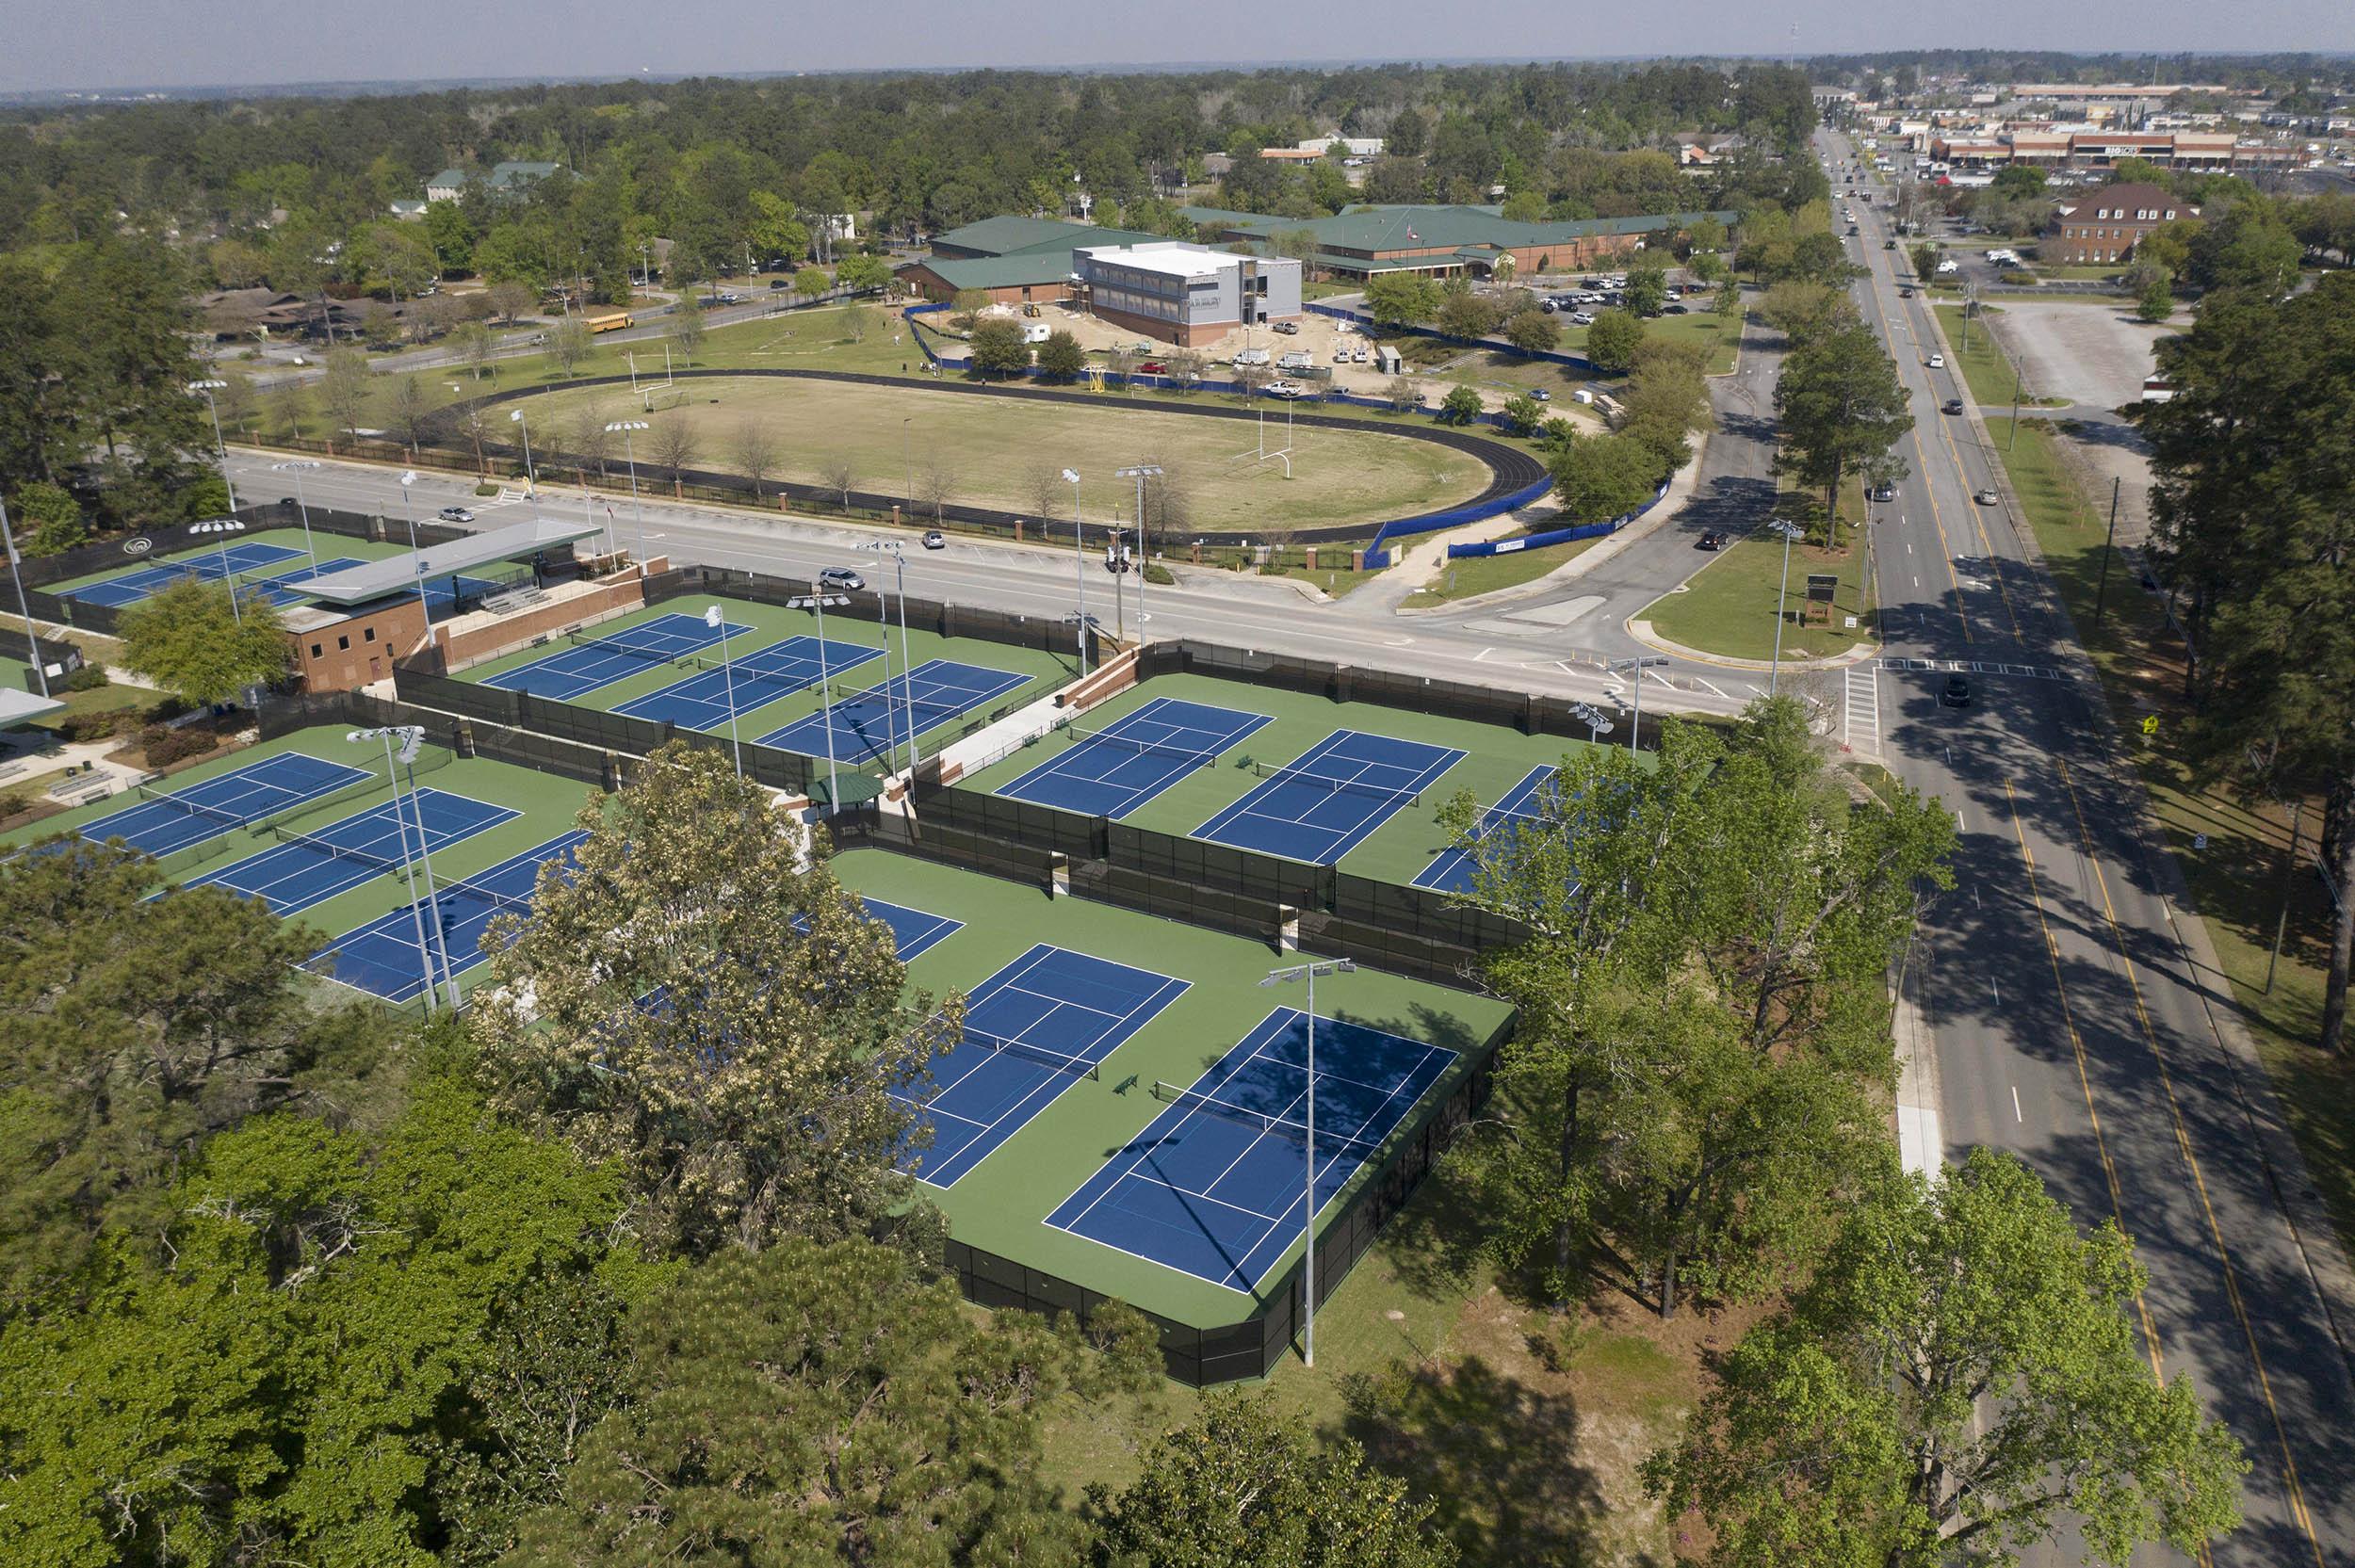 tenniscenter.jpg